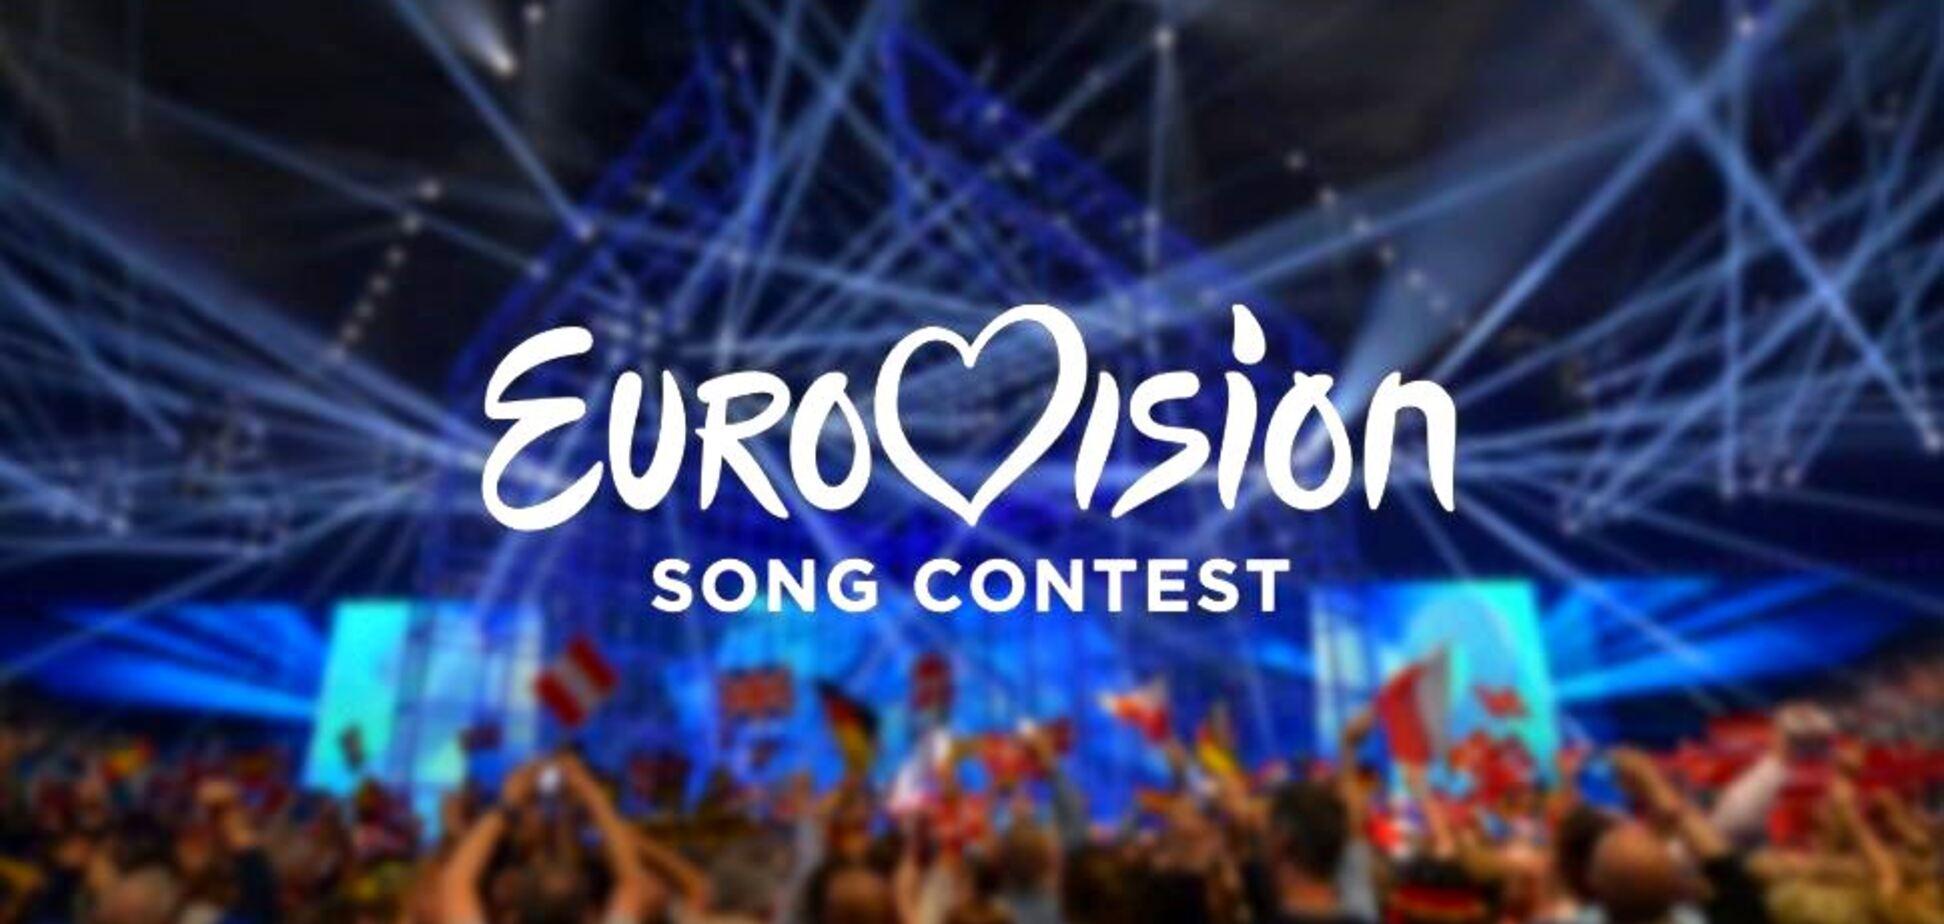 Єрусалим можуть позбавити 'Євробачення-2019'